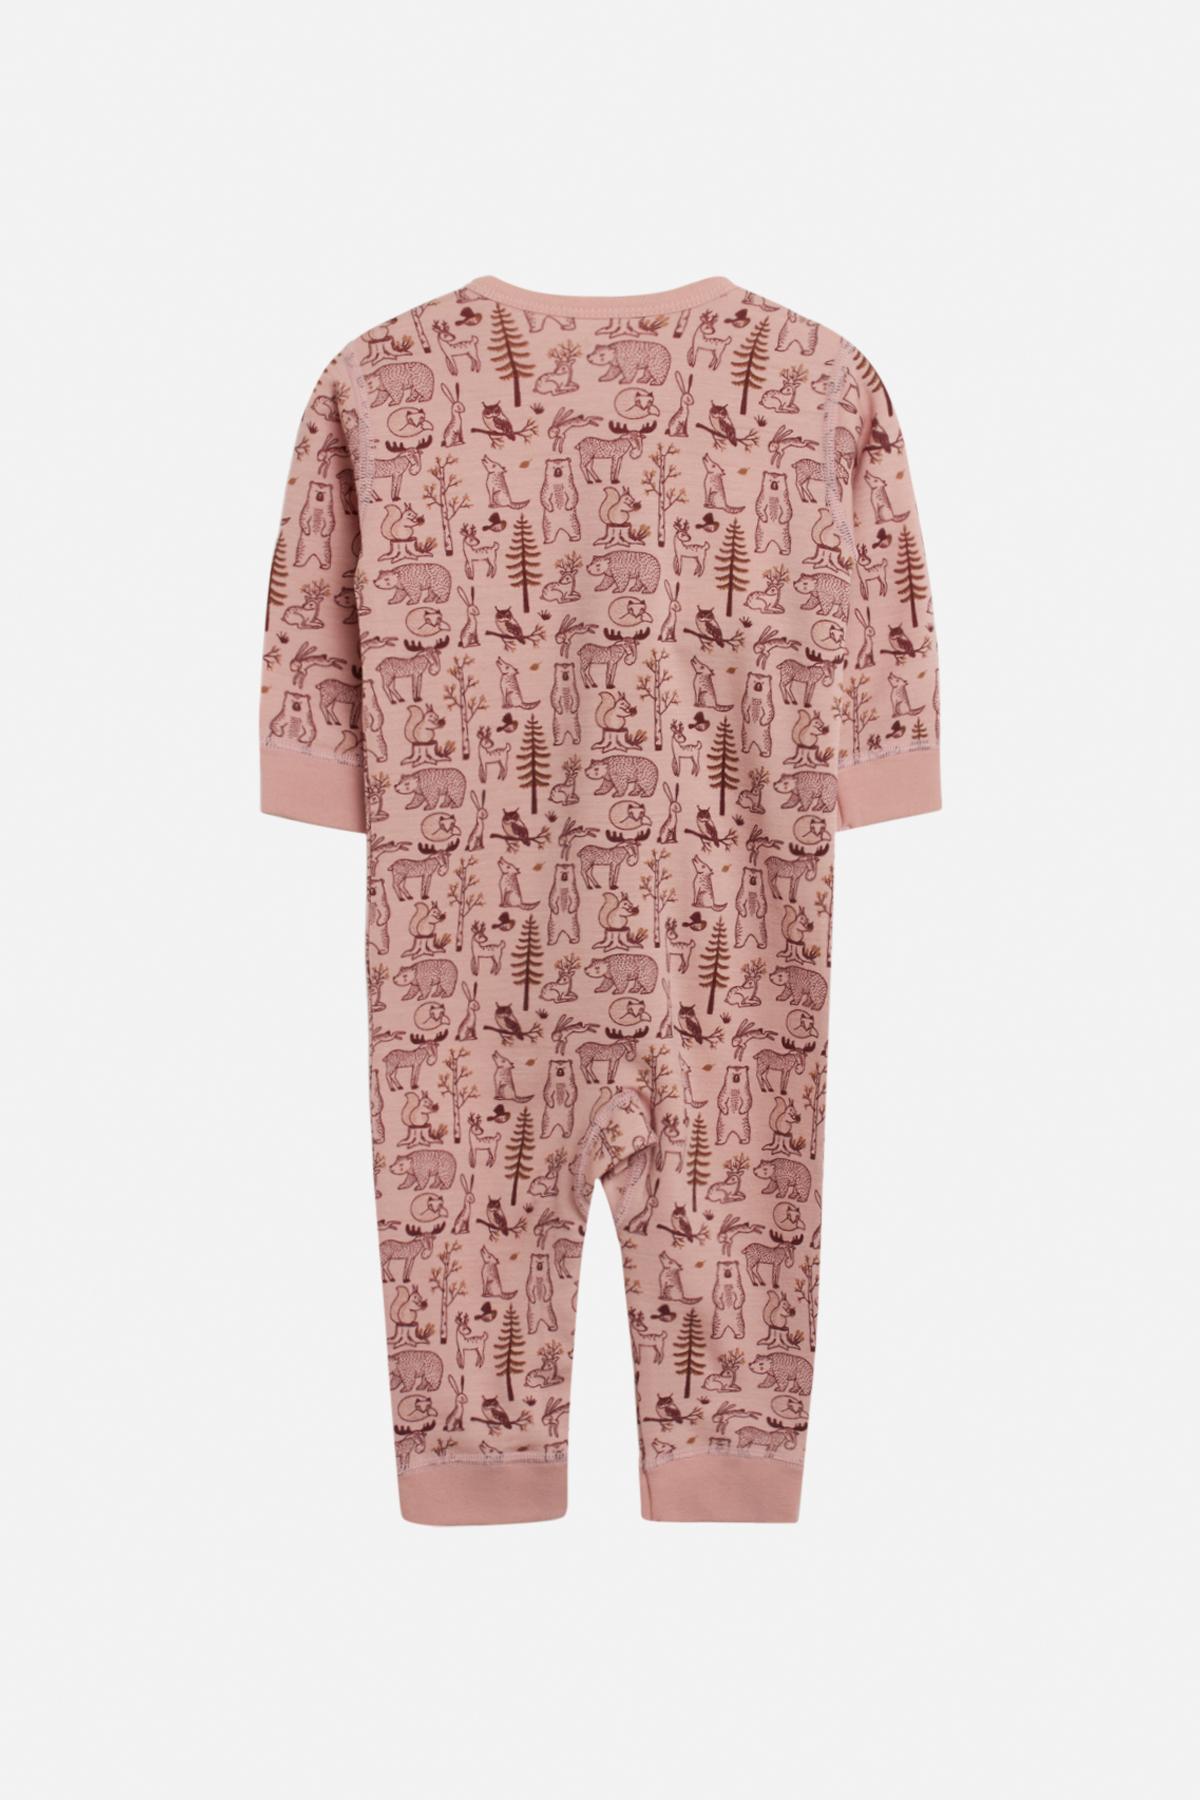 Wool Merino - Milo - Nightwear